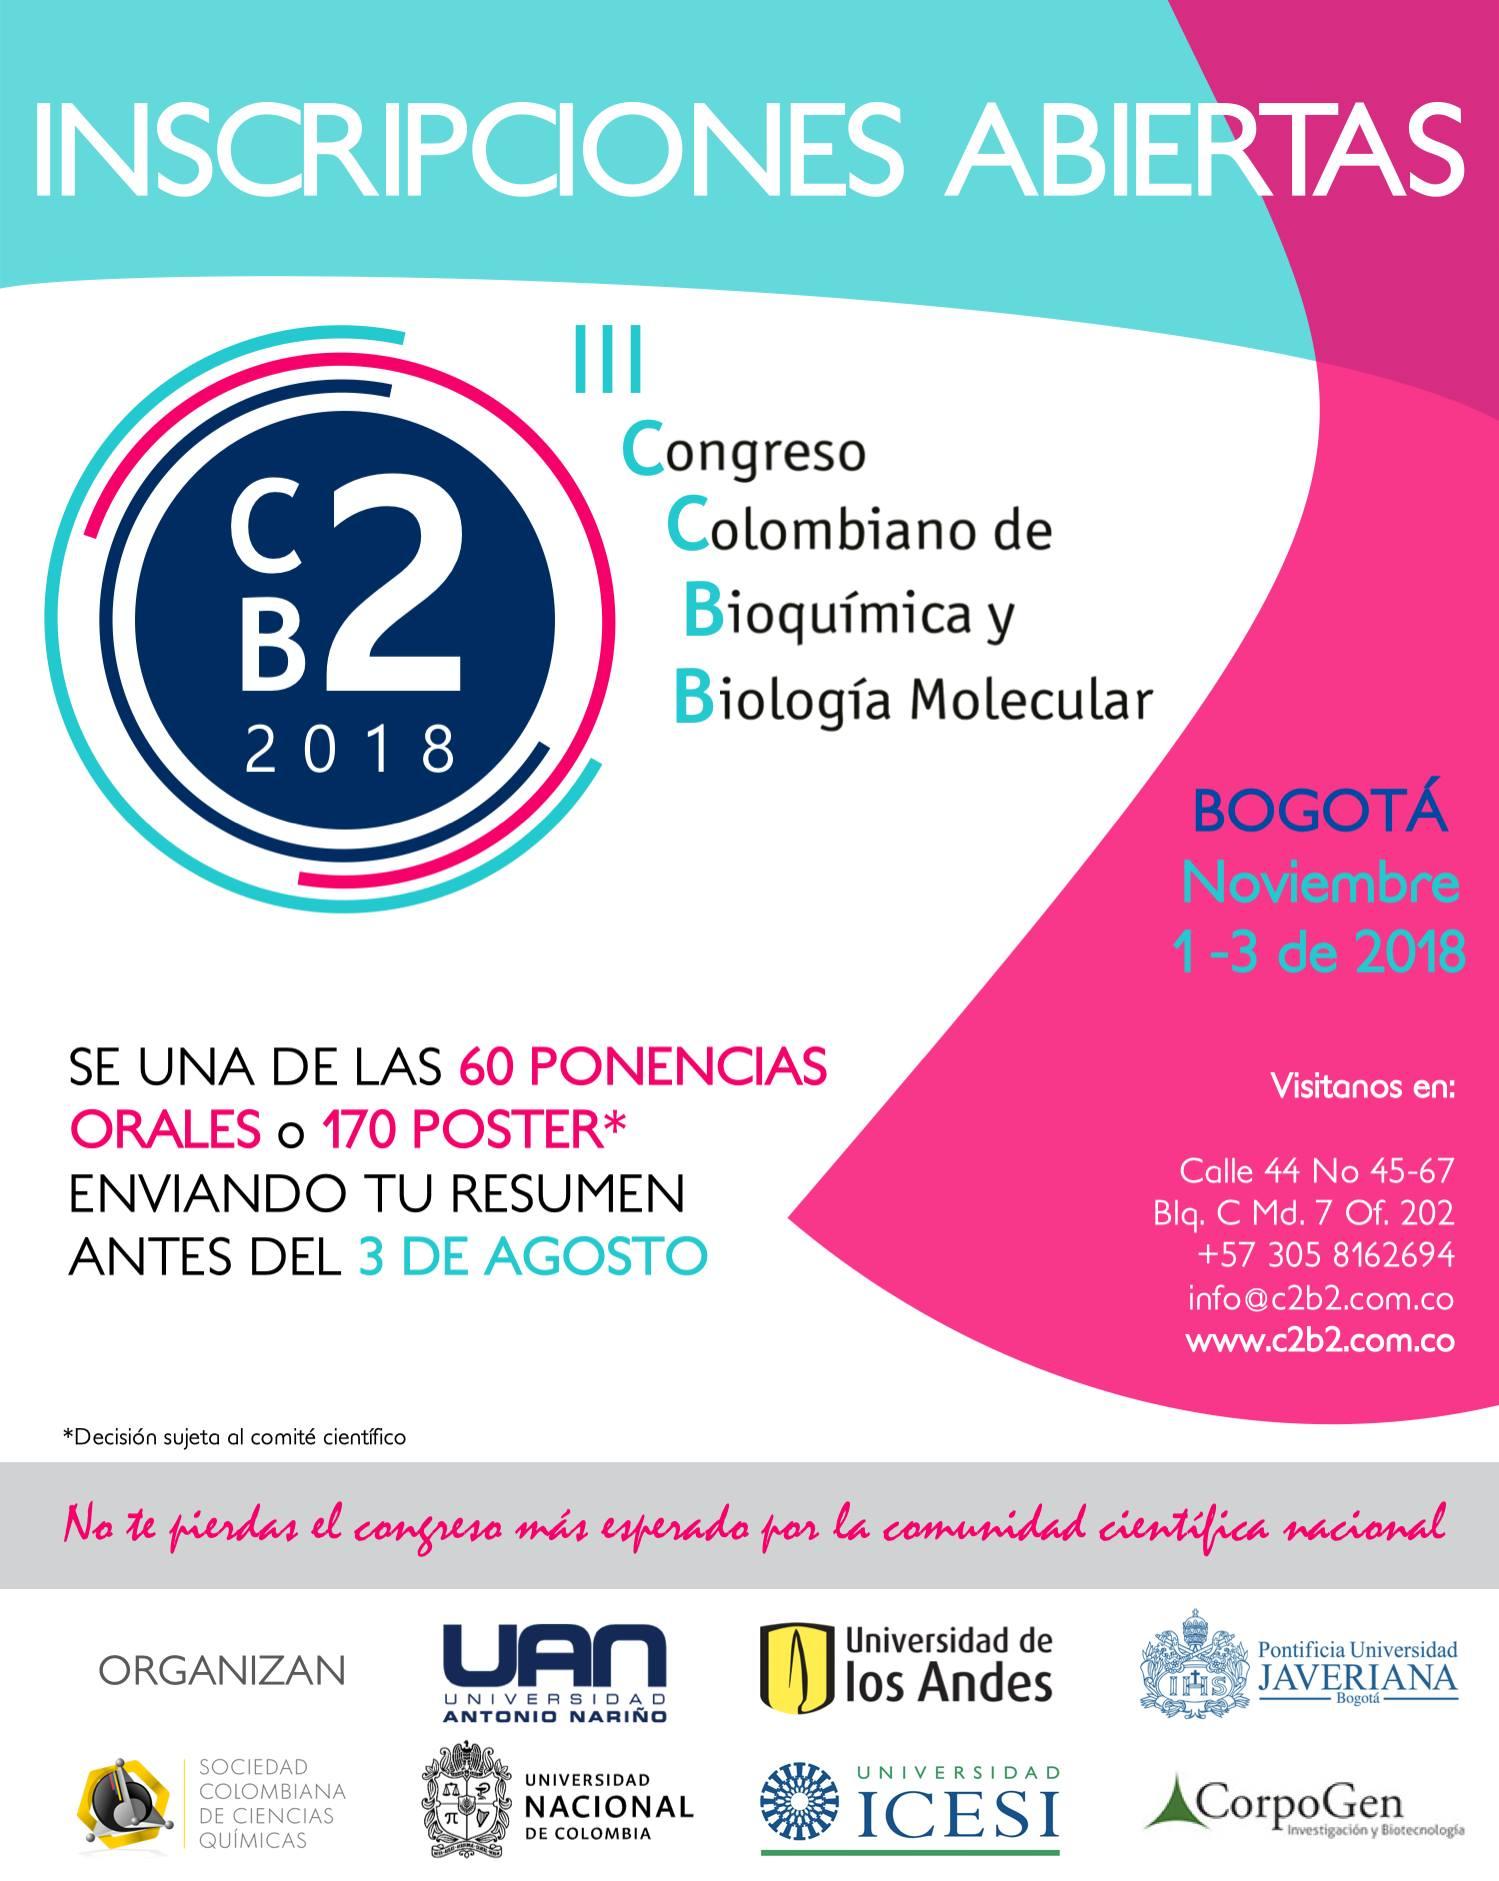 III Congreso Colombiano de Bioquímica y Biología Molecular (C2B2 2018)